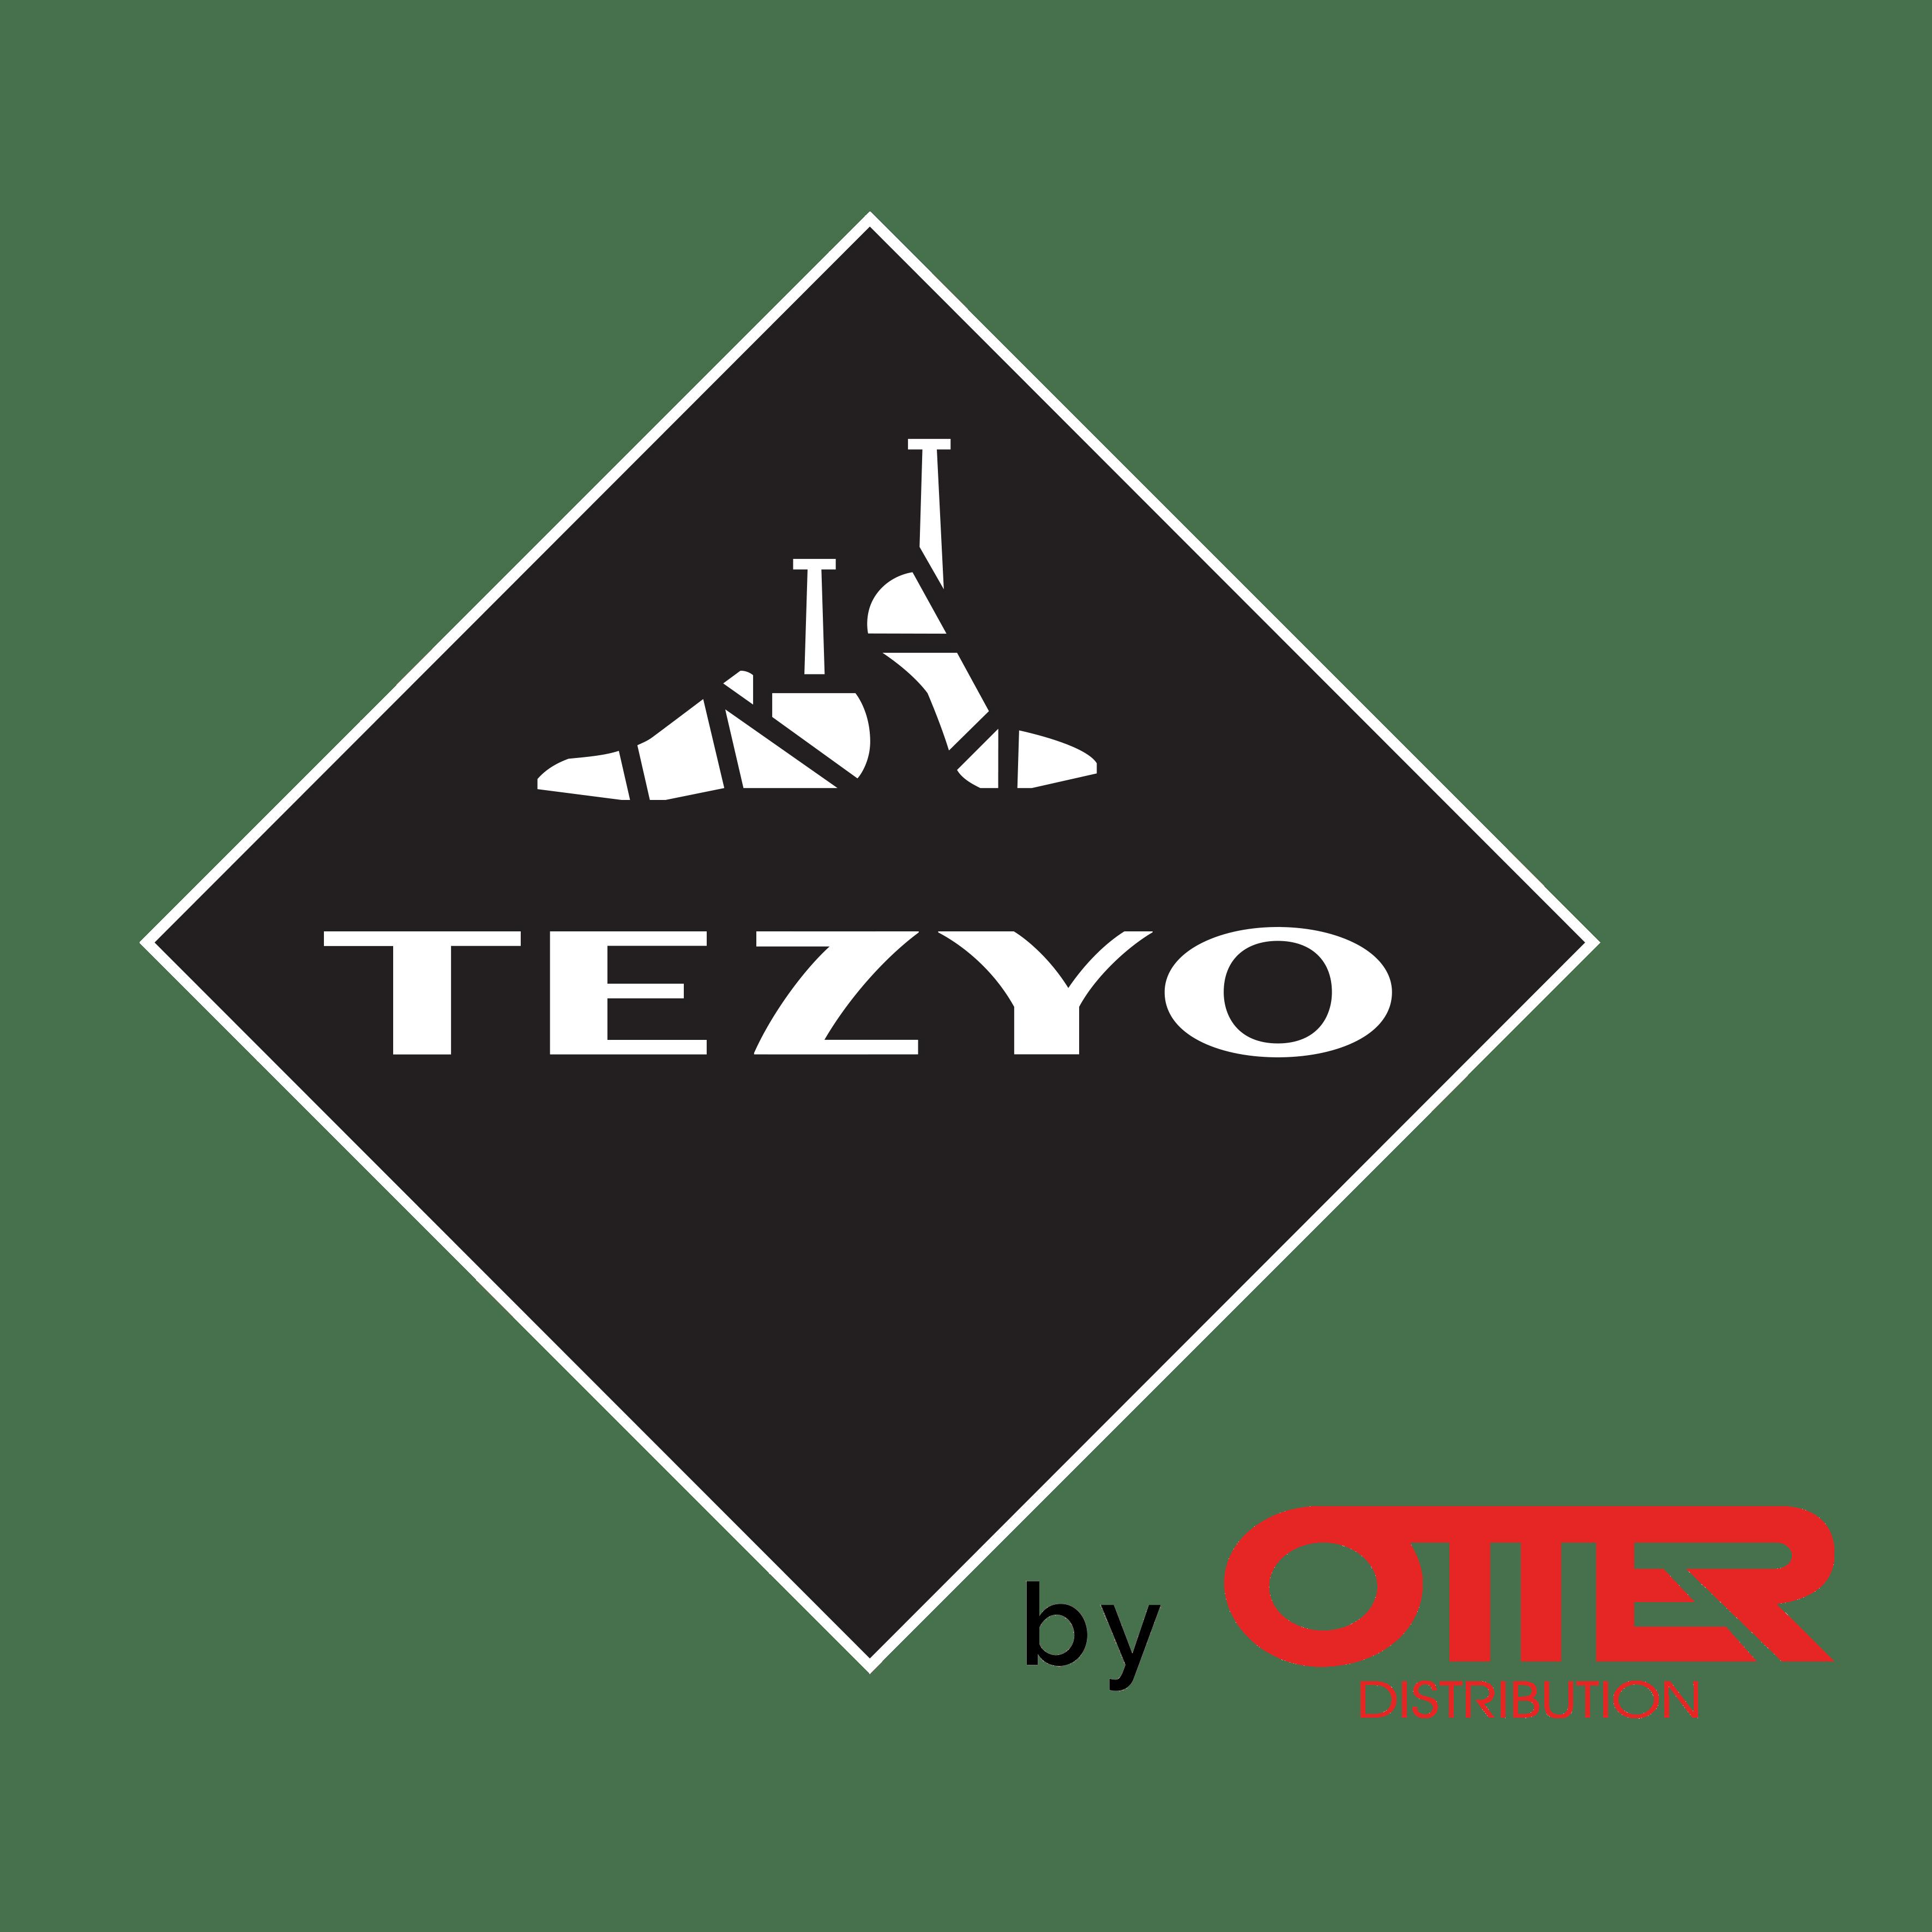 Tezyo